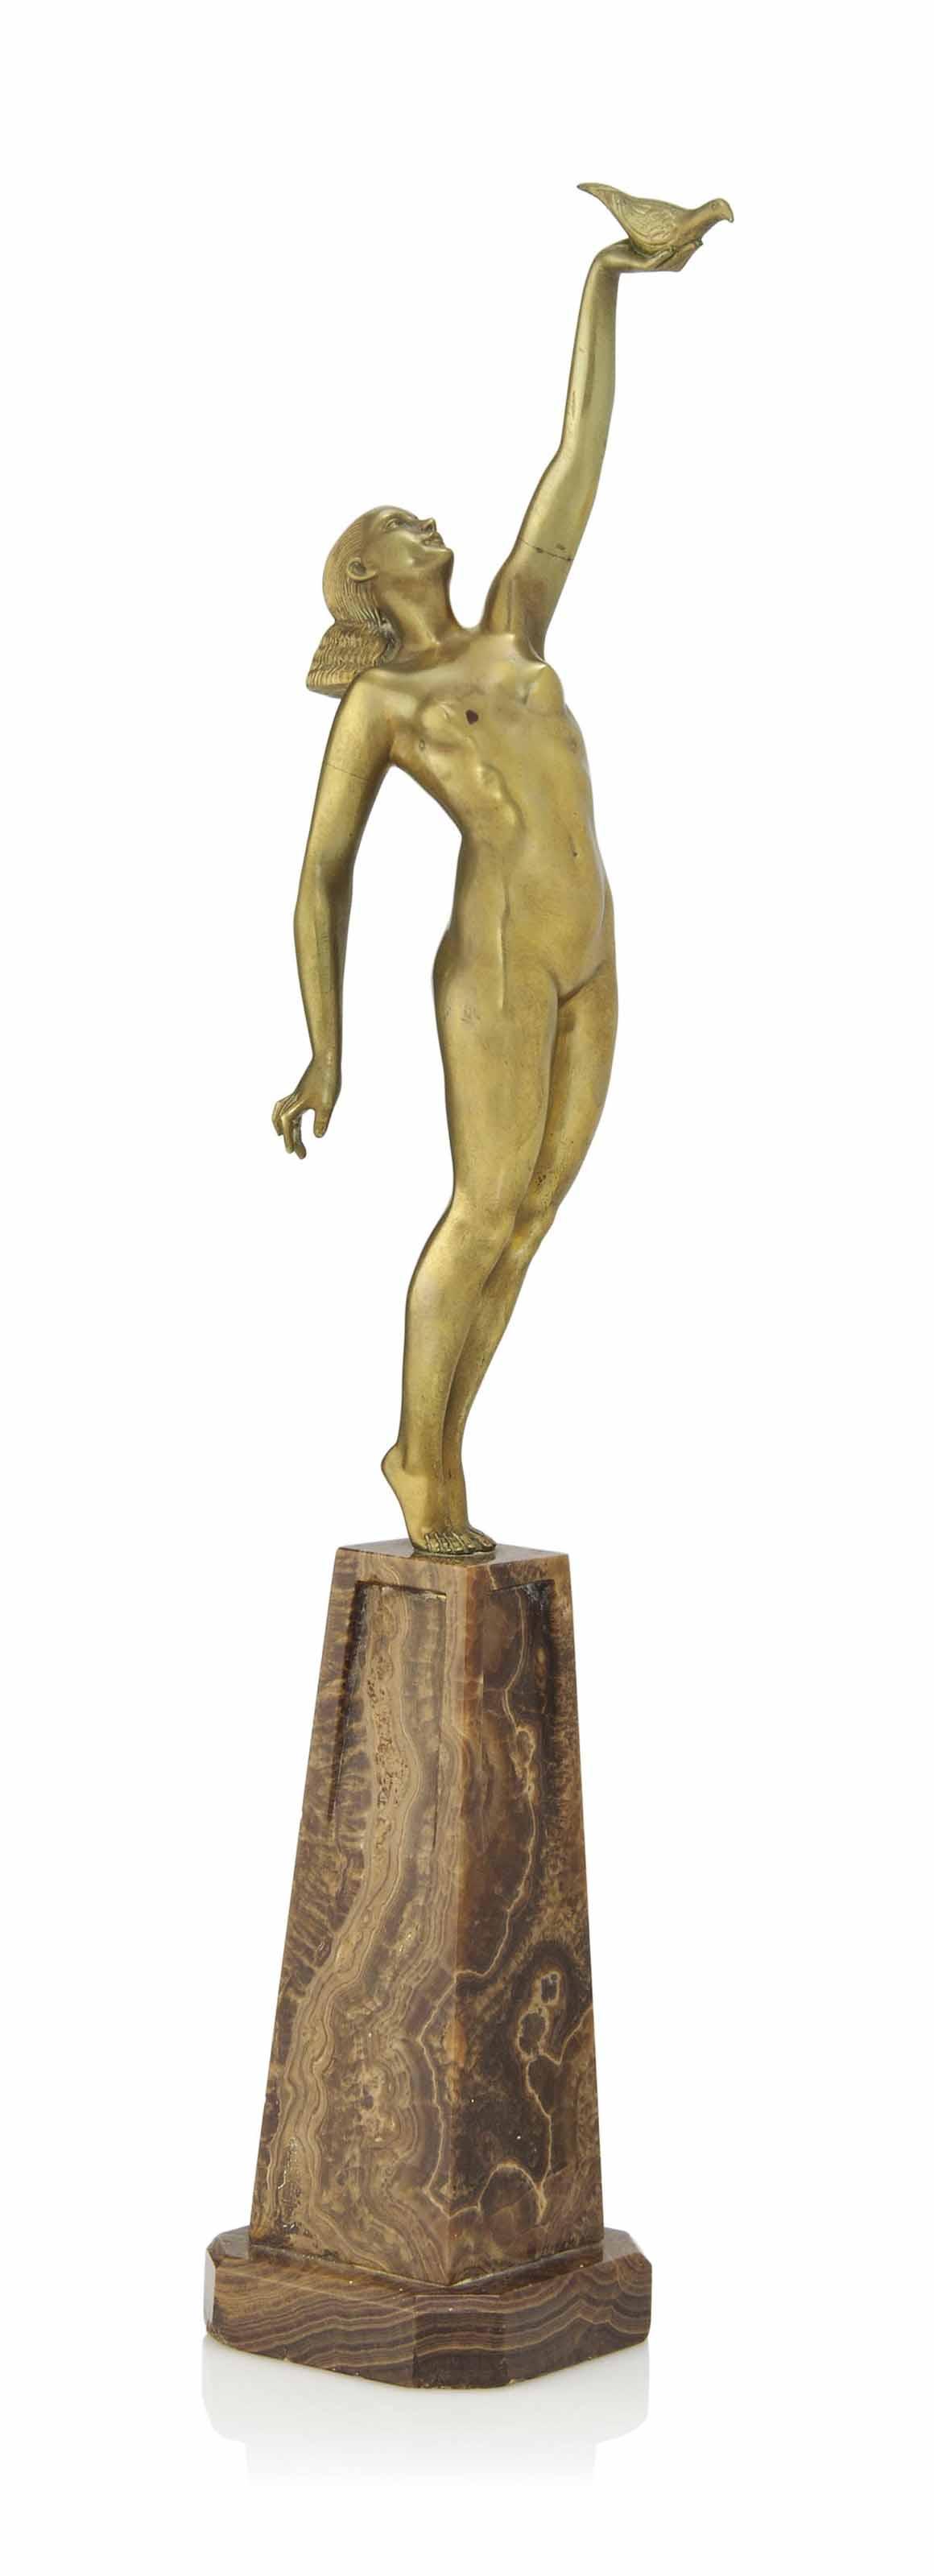 A PIERRE LE FAGUAYS (1892-1935